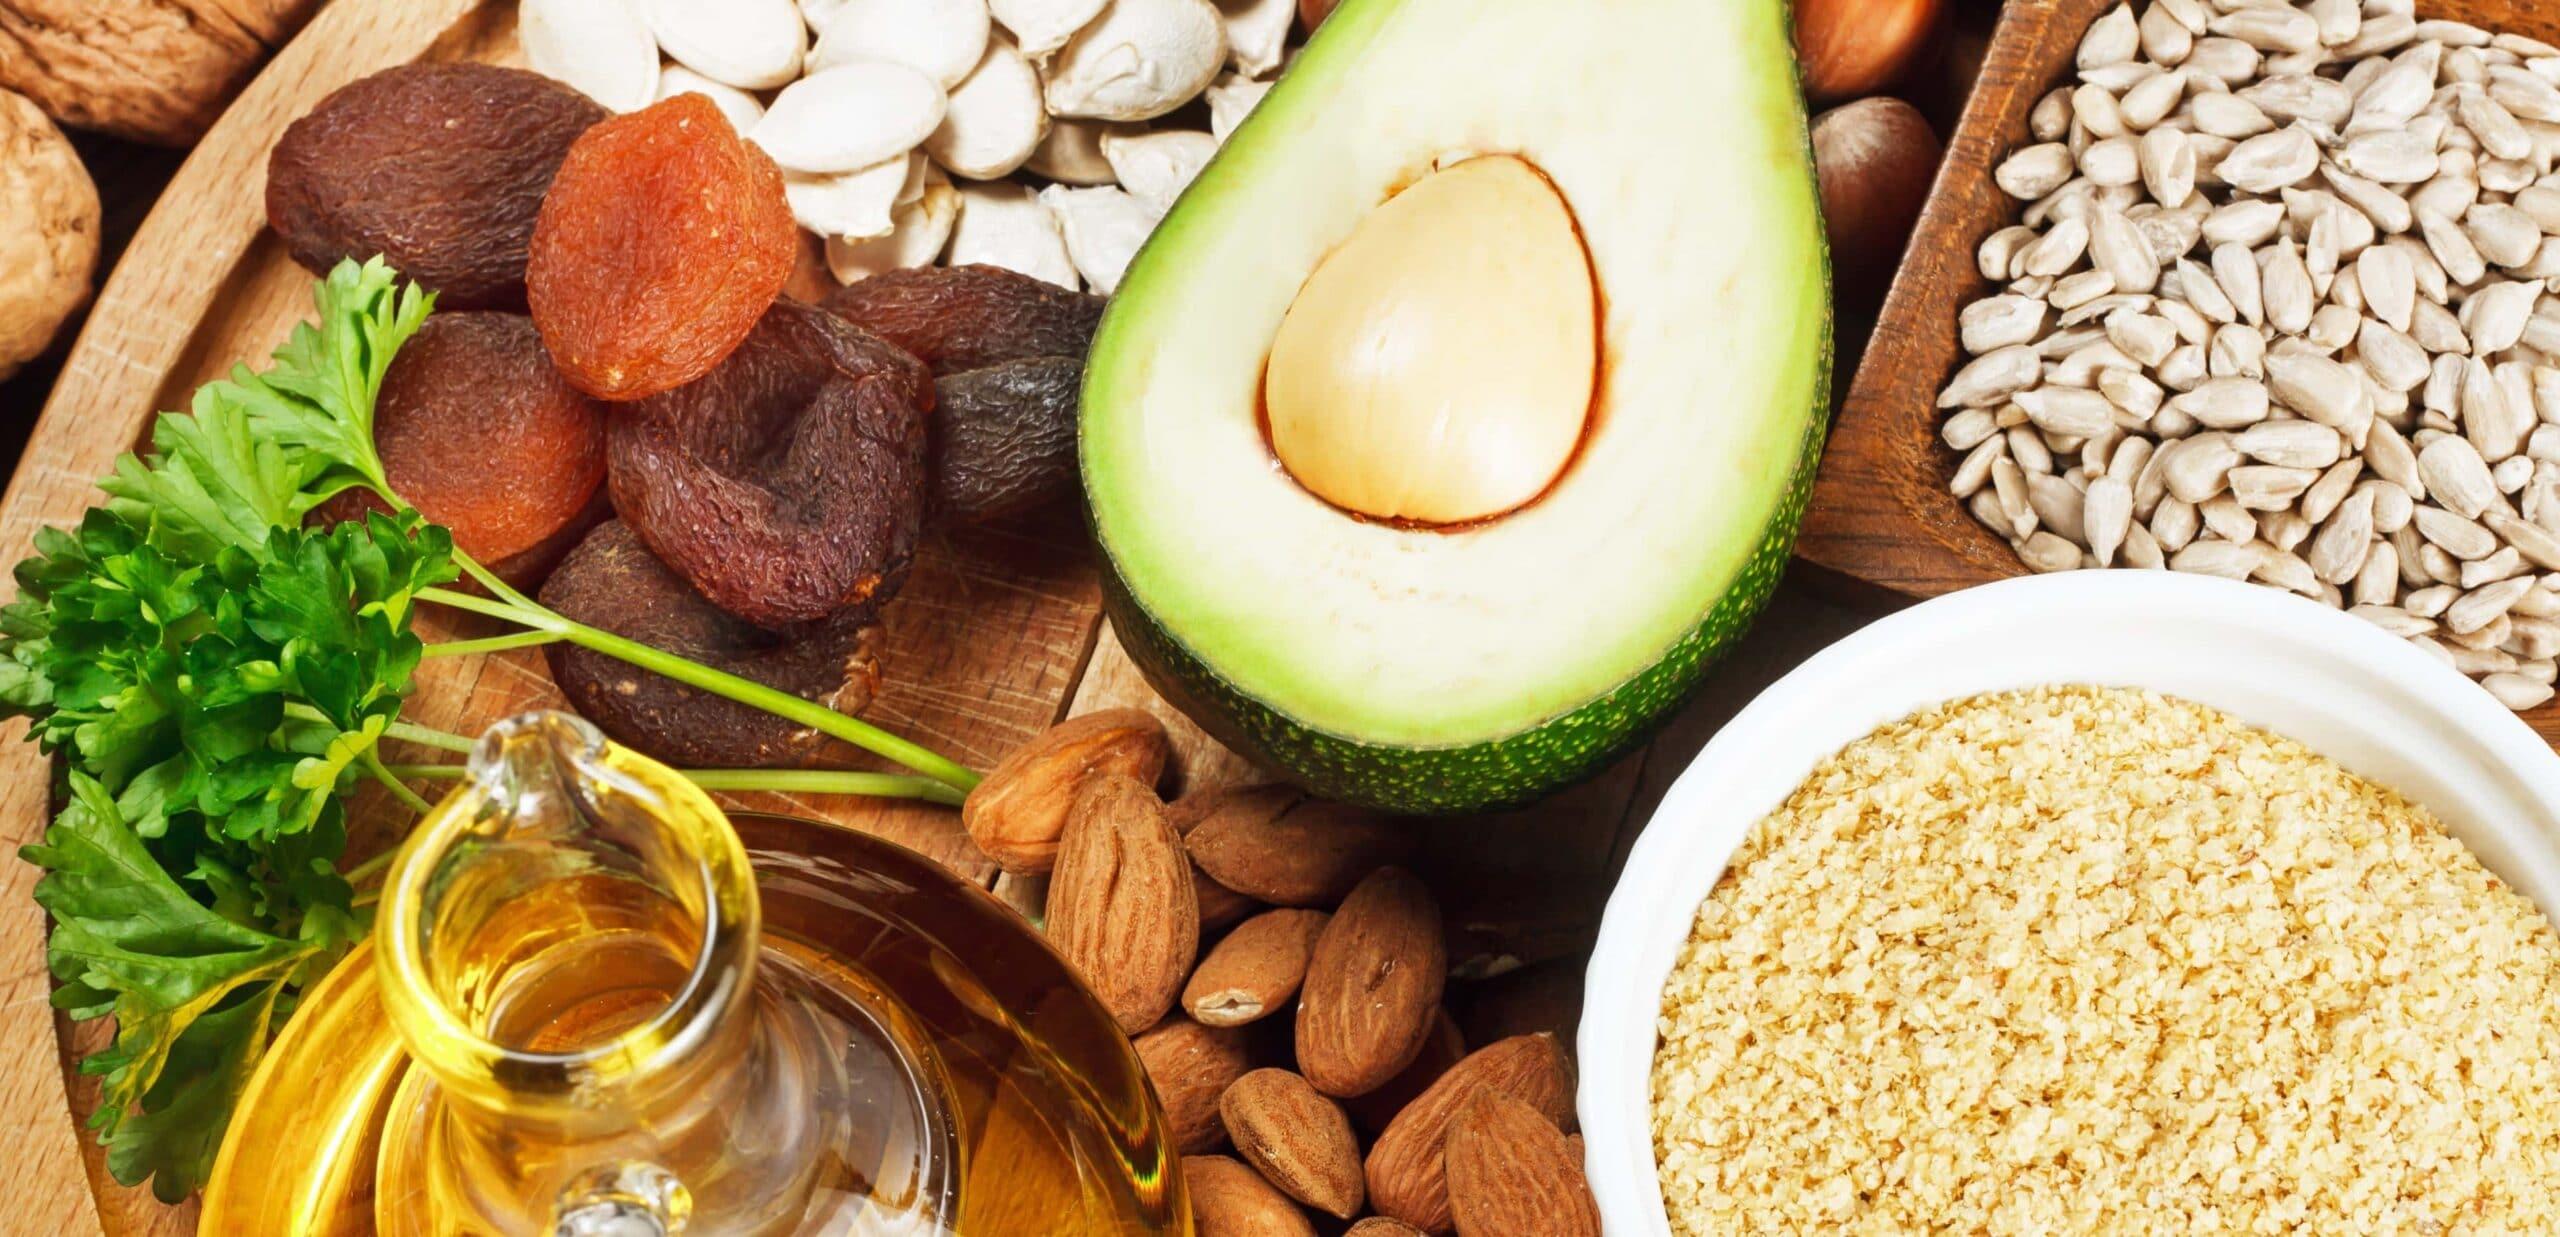 acidi grassi monoinsaturi cosa sono e in quali alimenti